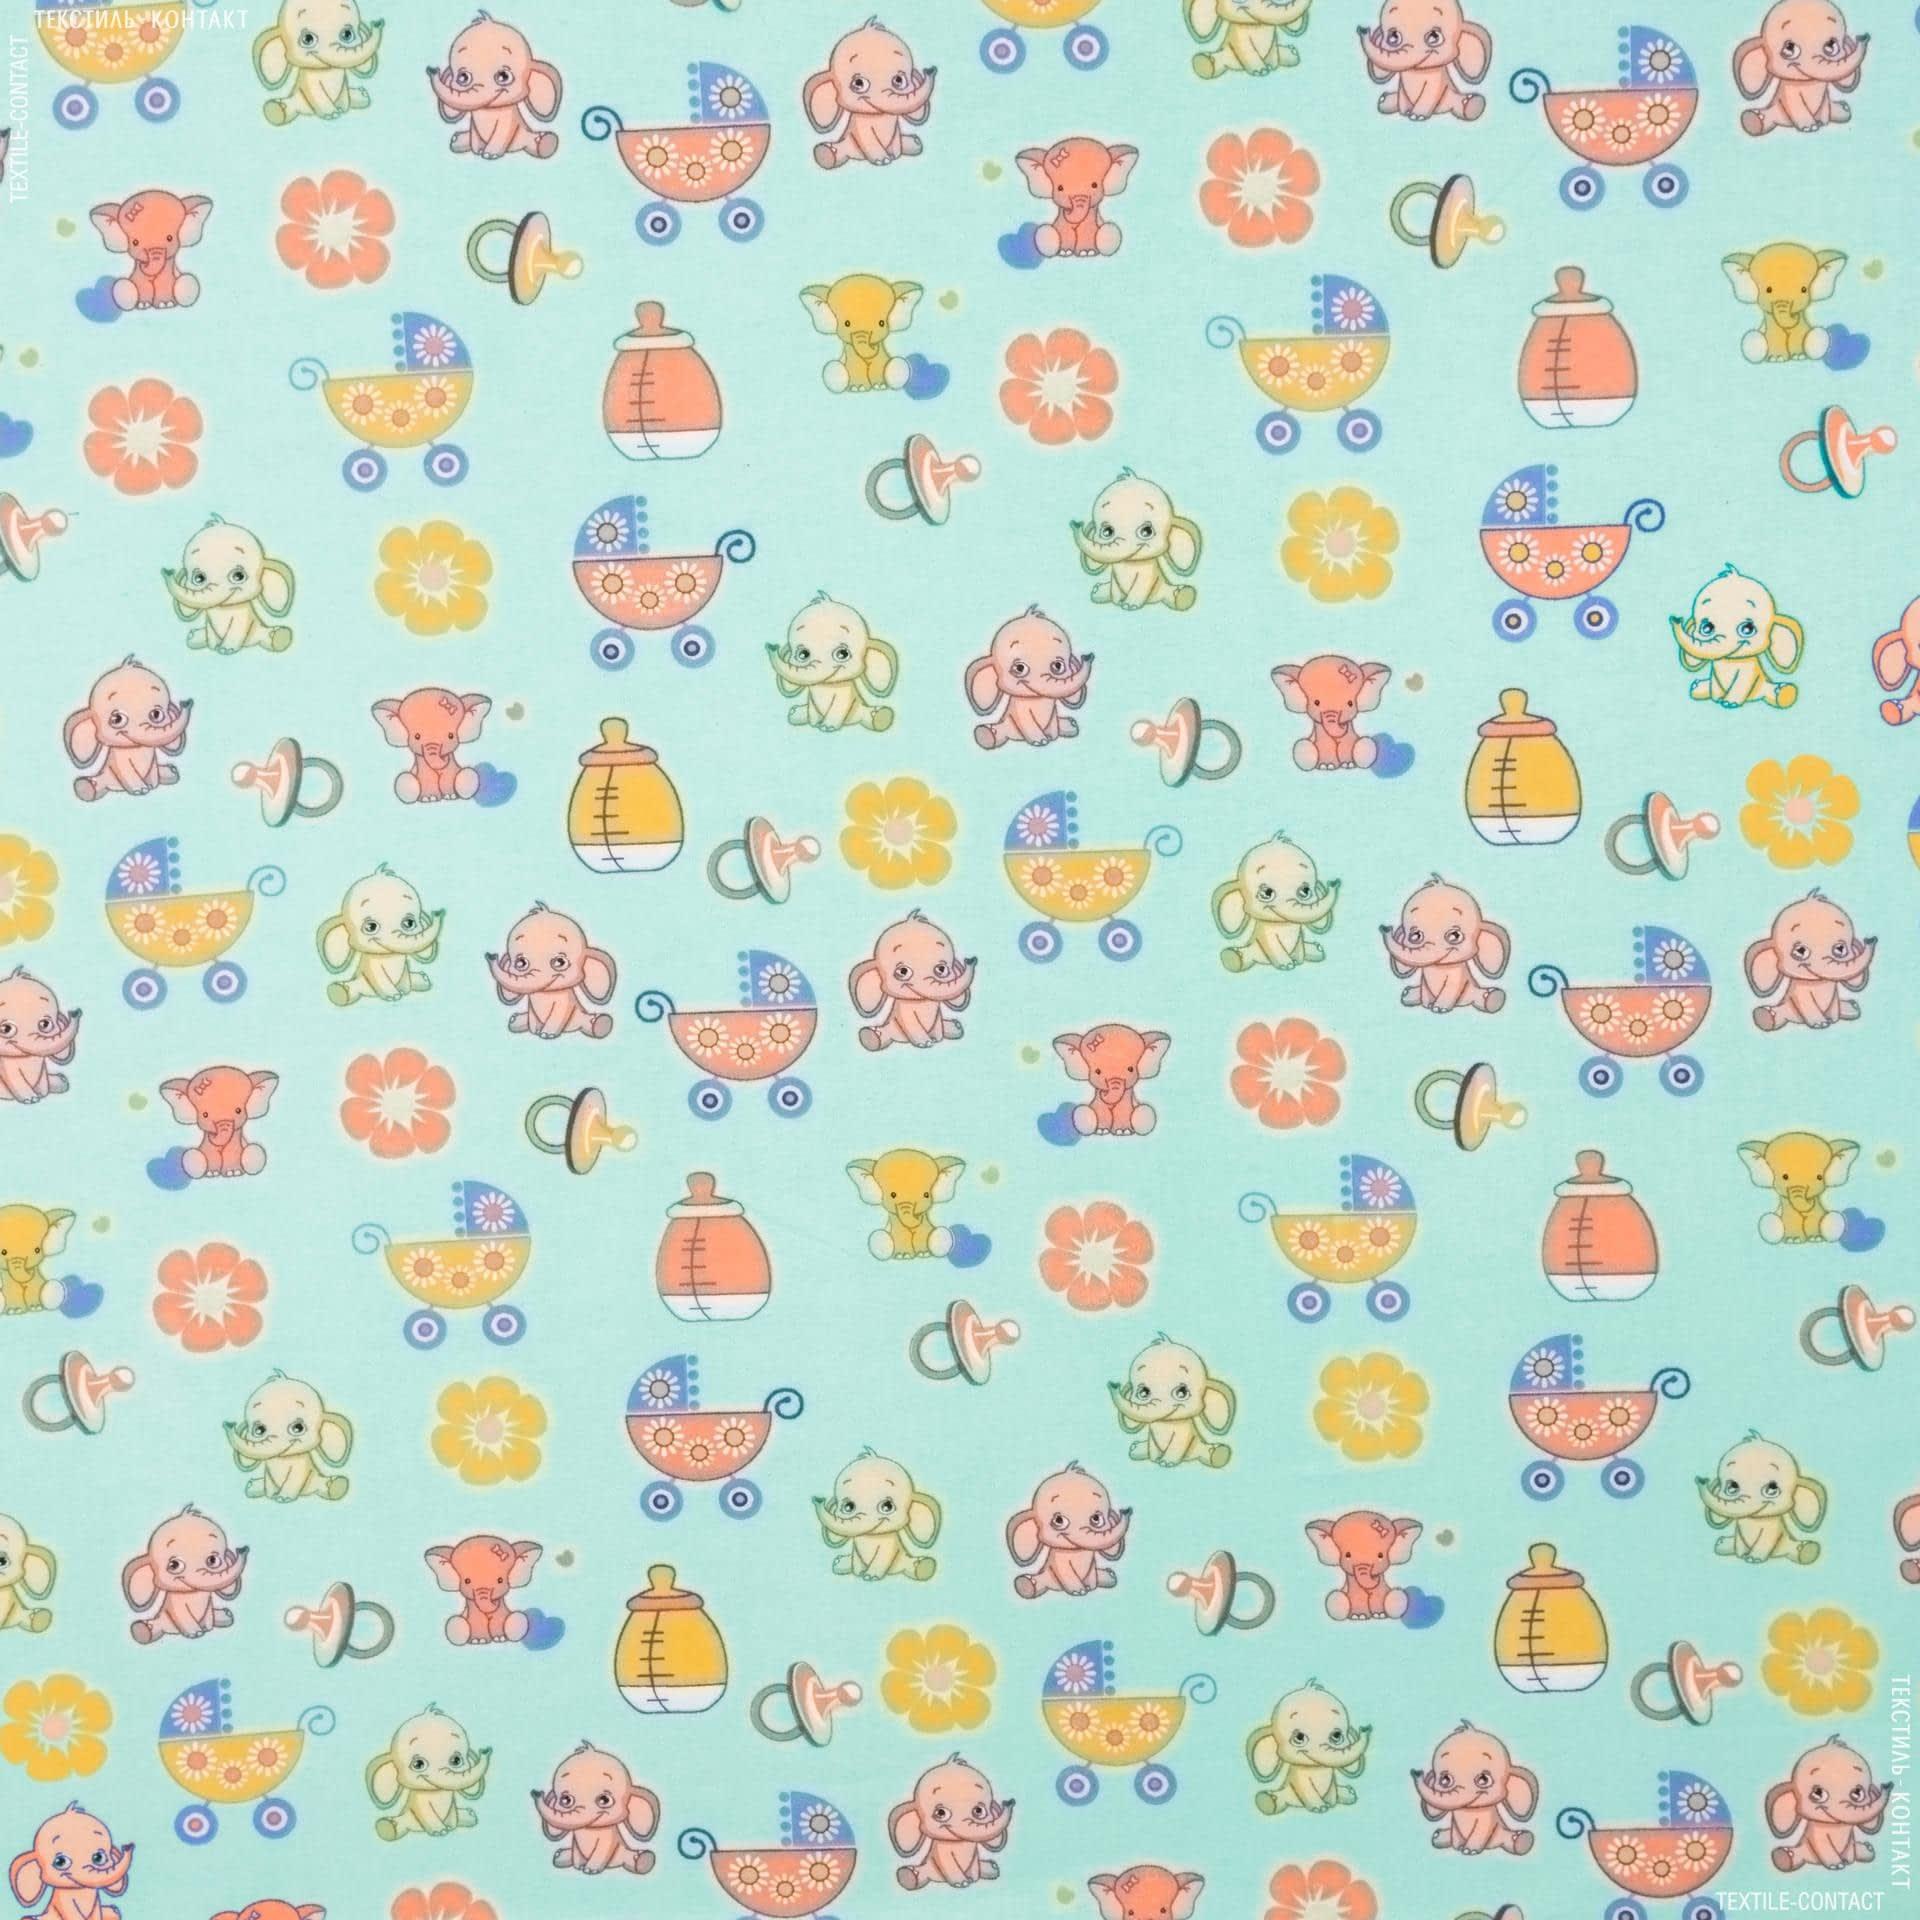 Ткани для детской одежды - Фланель белоземельная слоник